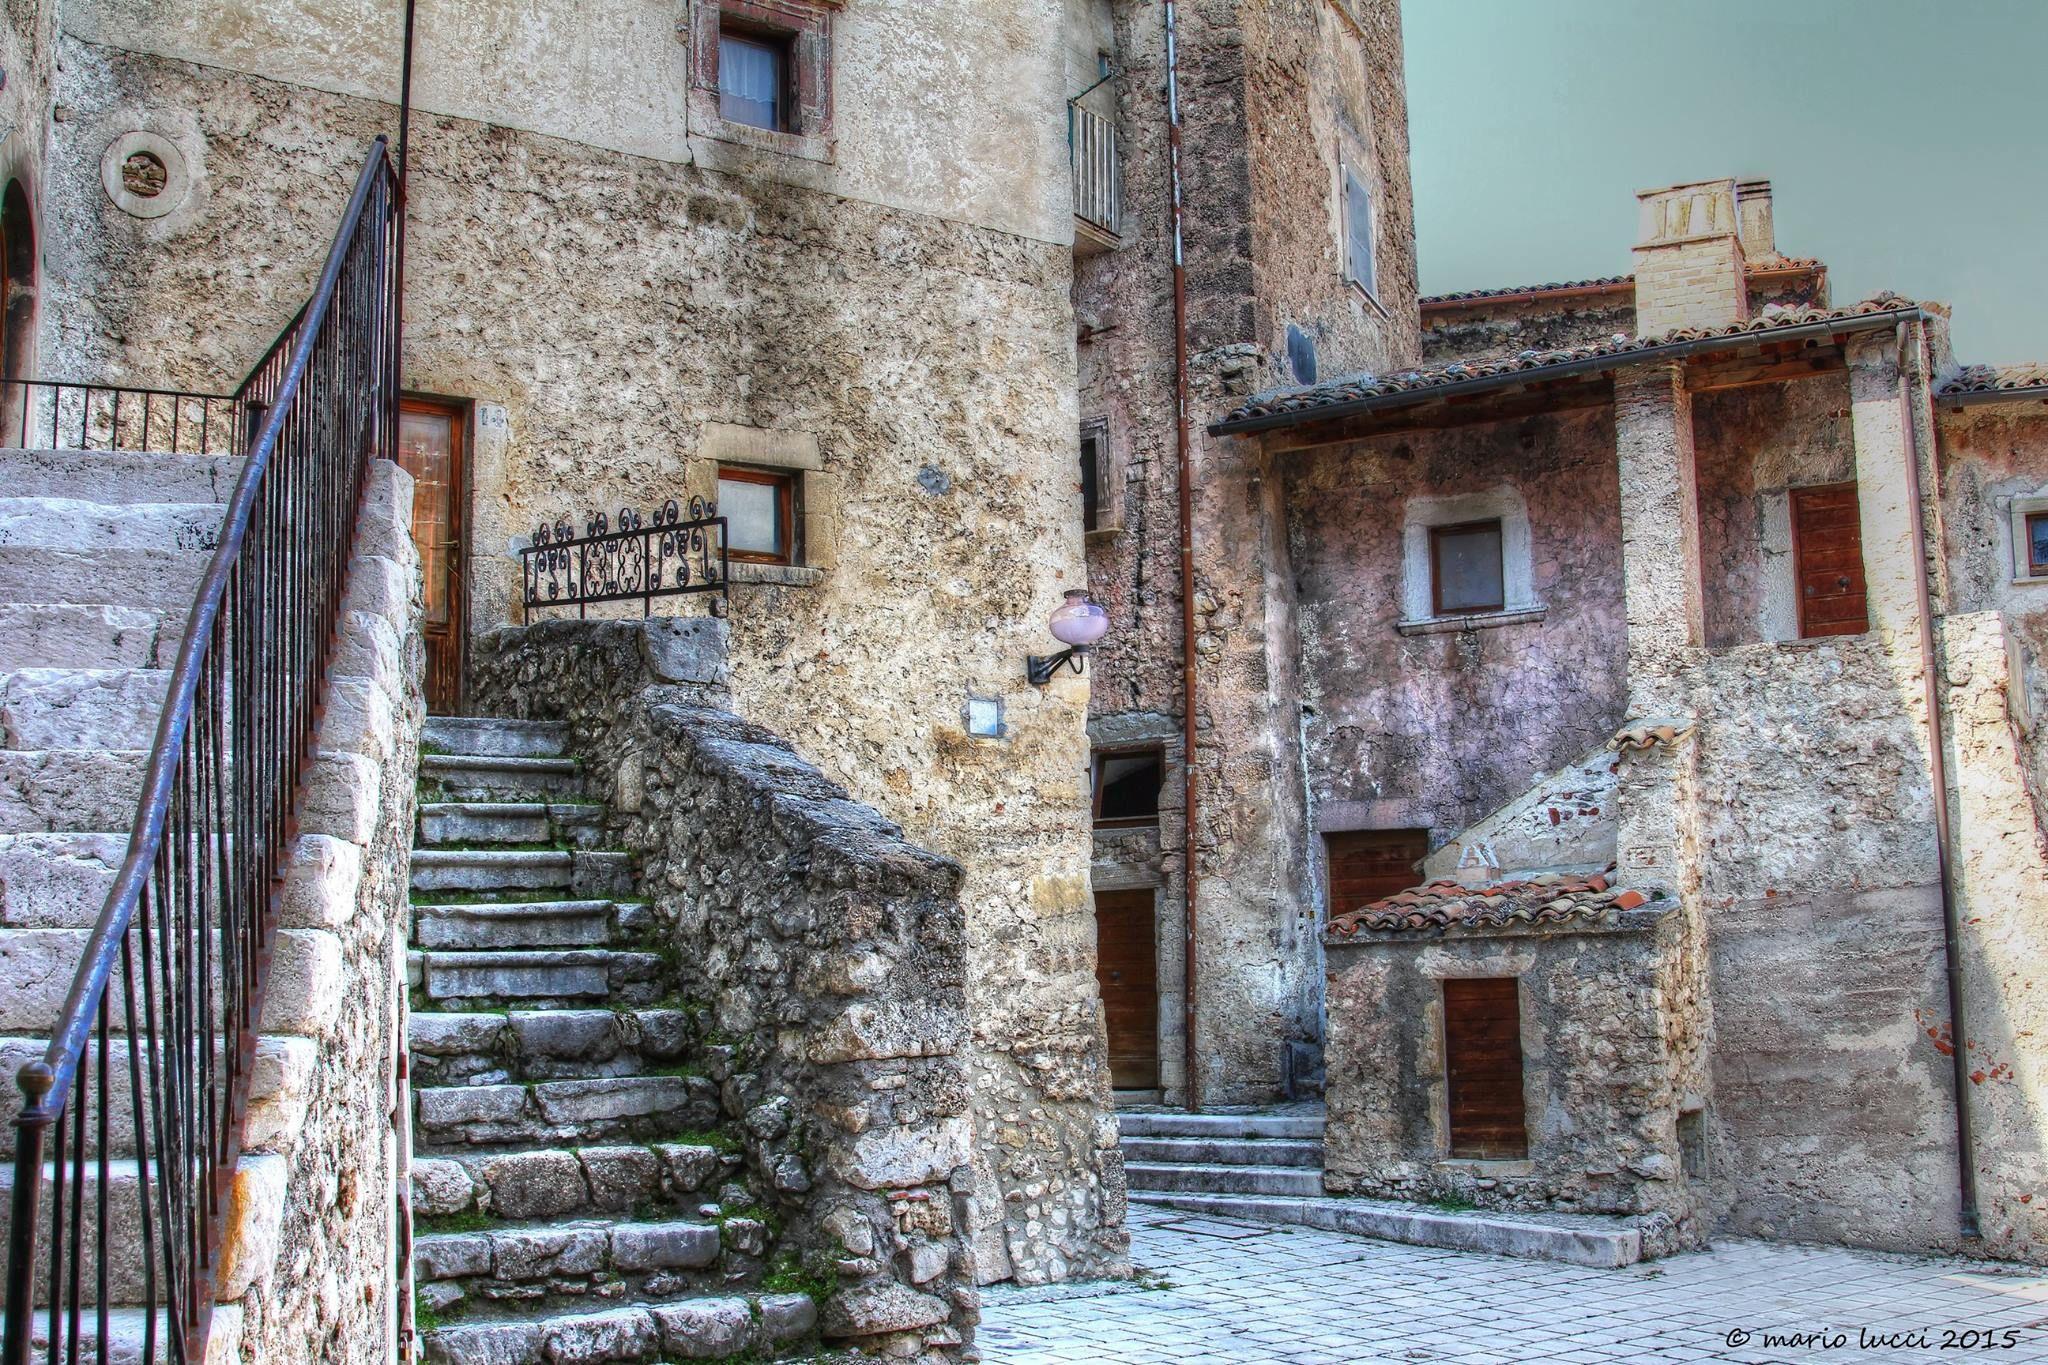 Scorcio di Santo Stefano di Sessanio (Aq), uno tra i più antichi borghi d'Abruzzo. Foto @Mario Lucci